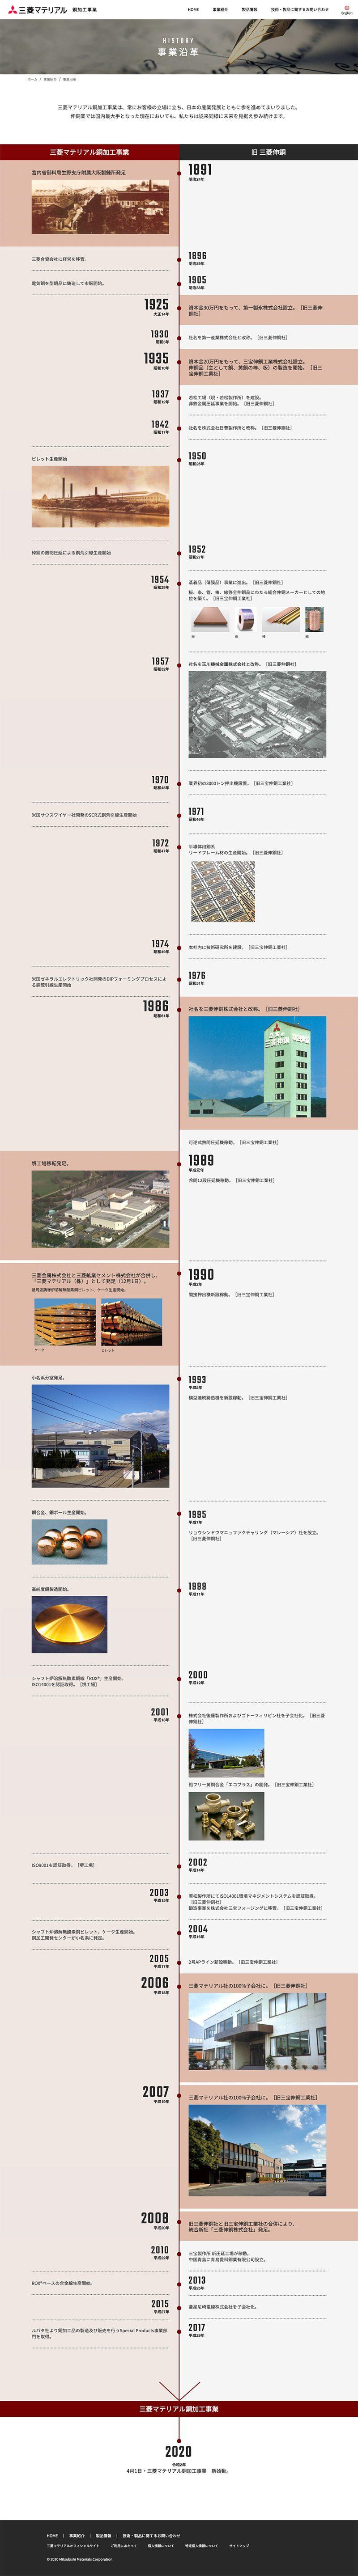 三菱マテリアル株式会社様|銅加工事業部サイト/事業部沿革